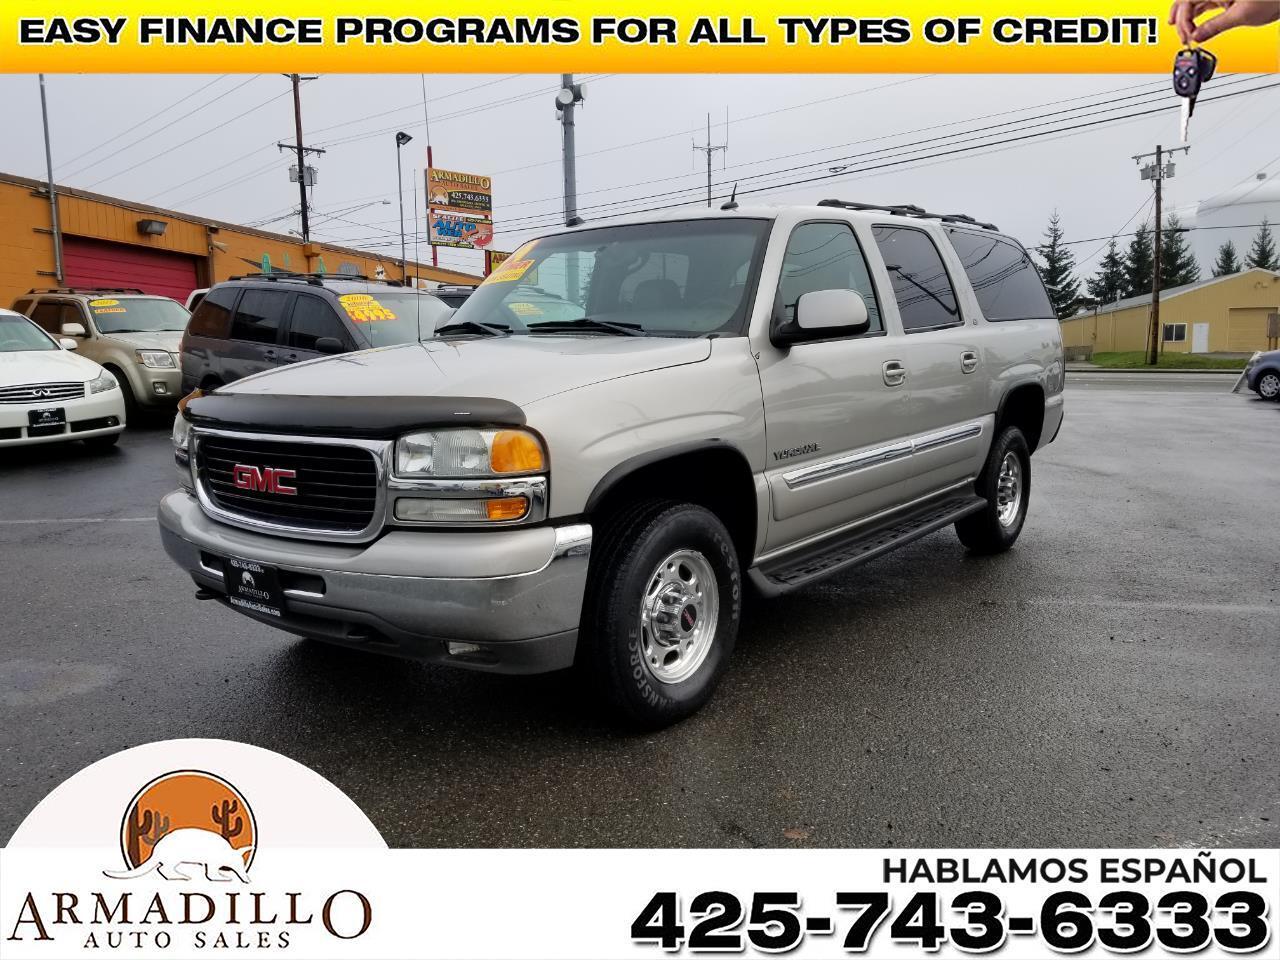 2004 GMC Yukon XL SLT 2500 4WD